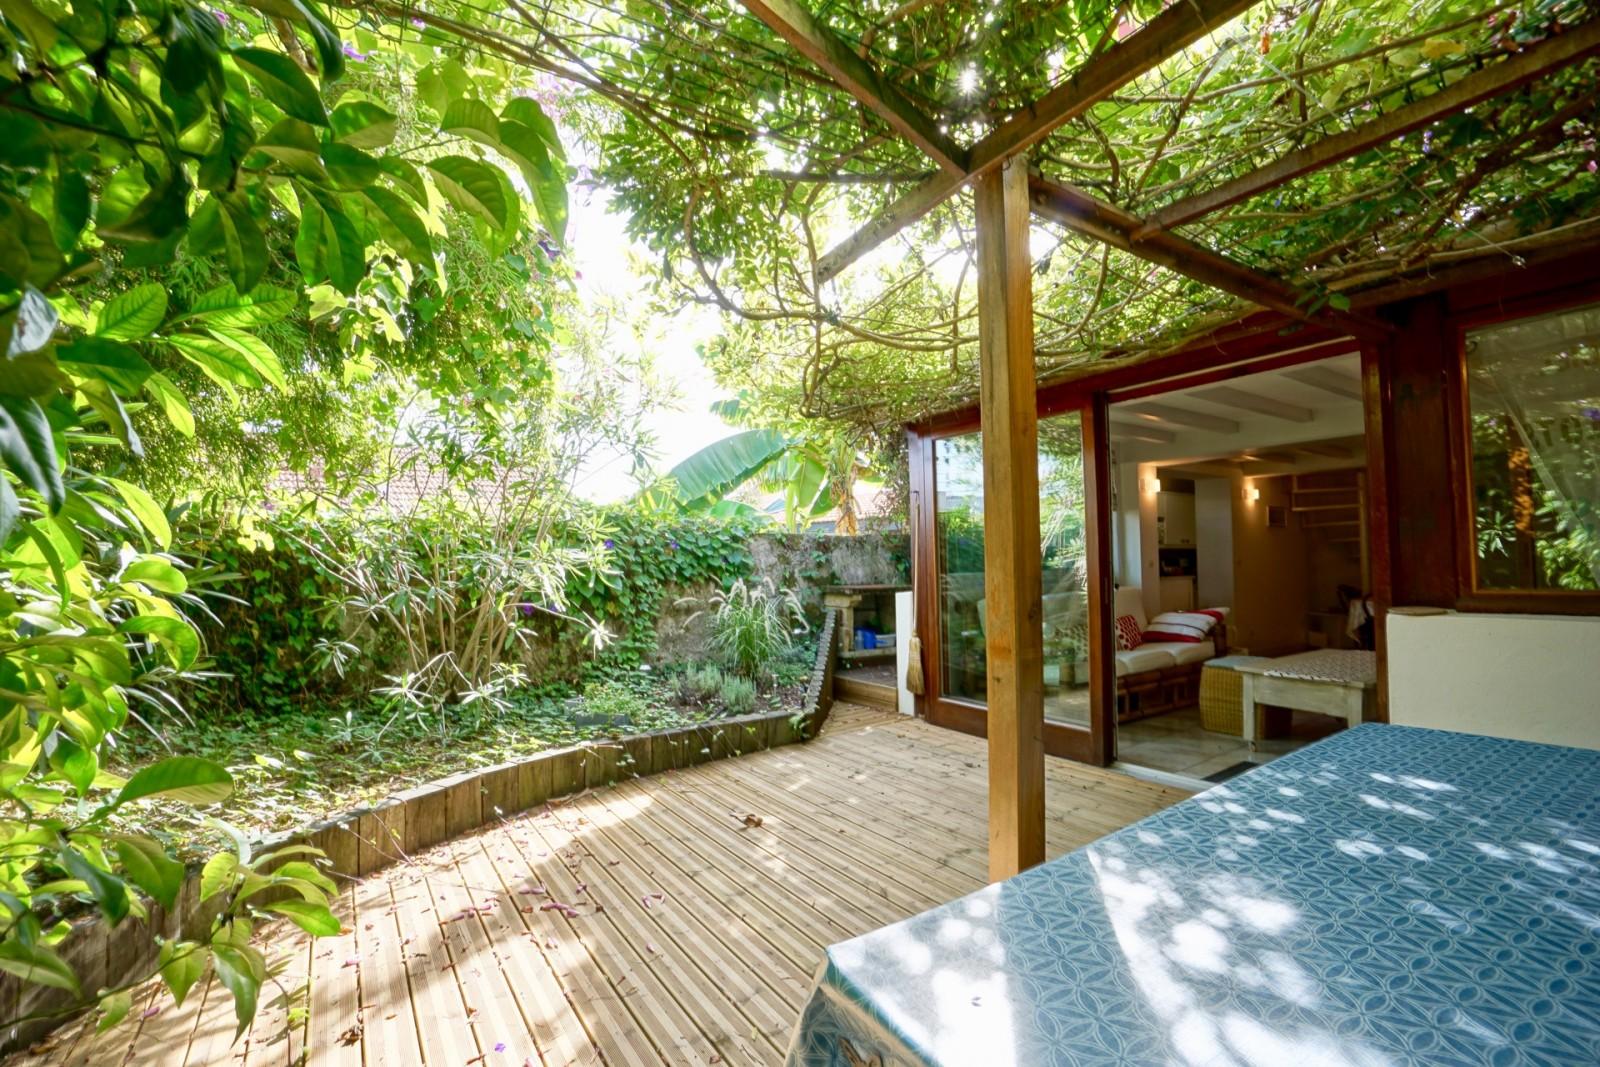 un petit coin de paradis agence olaizola location saisonni re de vacances biarritz et sur. Black Bedroom Furniture Sets. Home Design Ideas